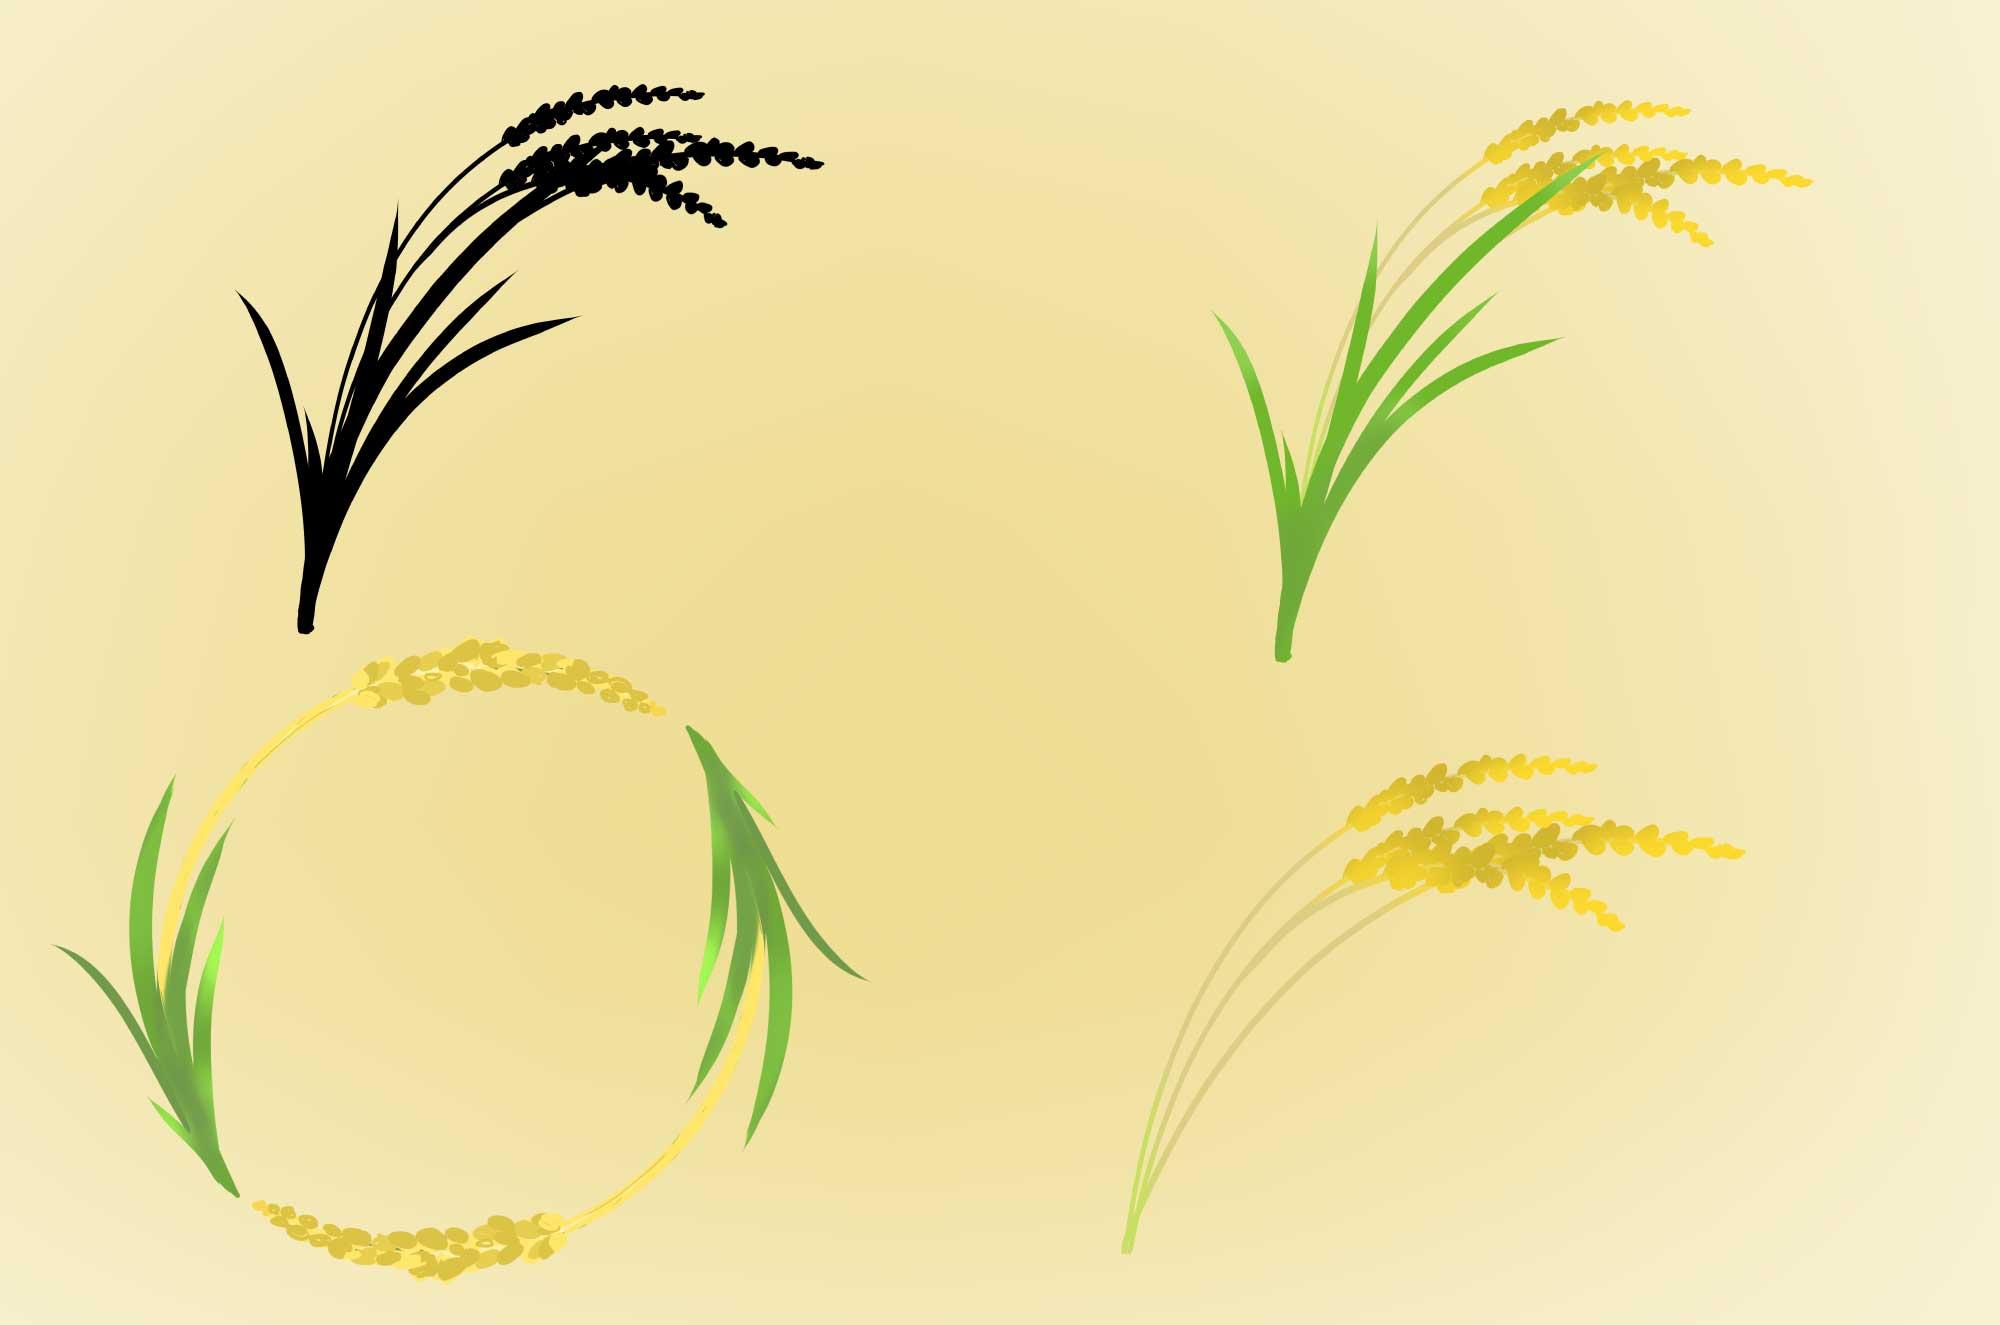 稲穂のフリーイラスト - 可愛い黄金の稲の無料素材